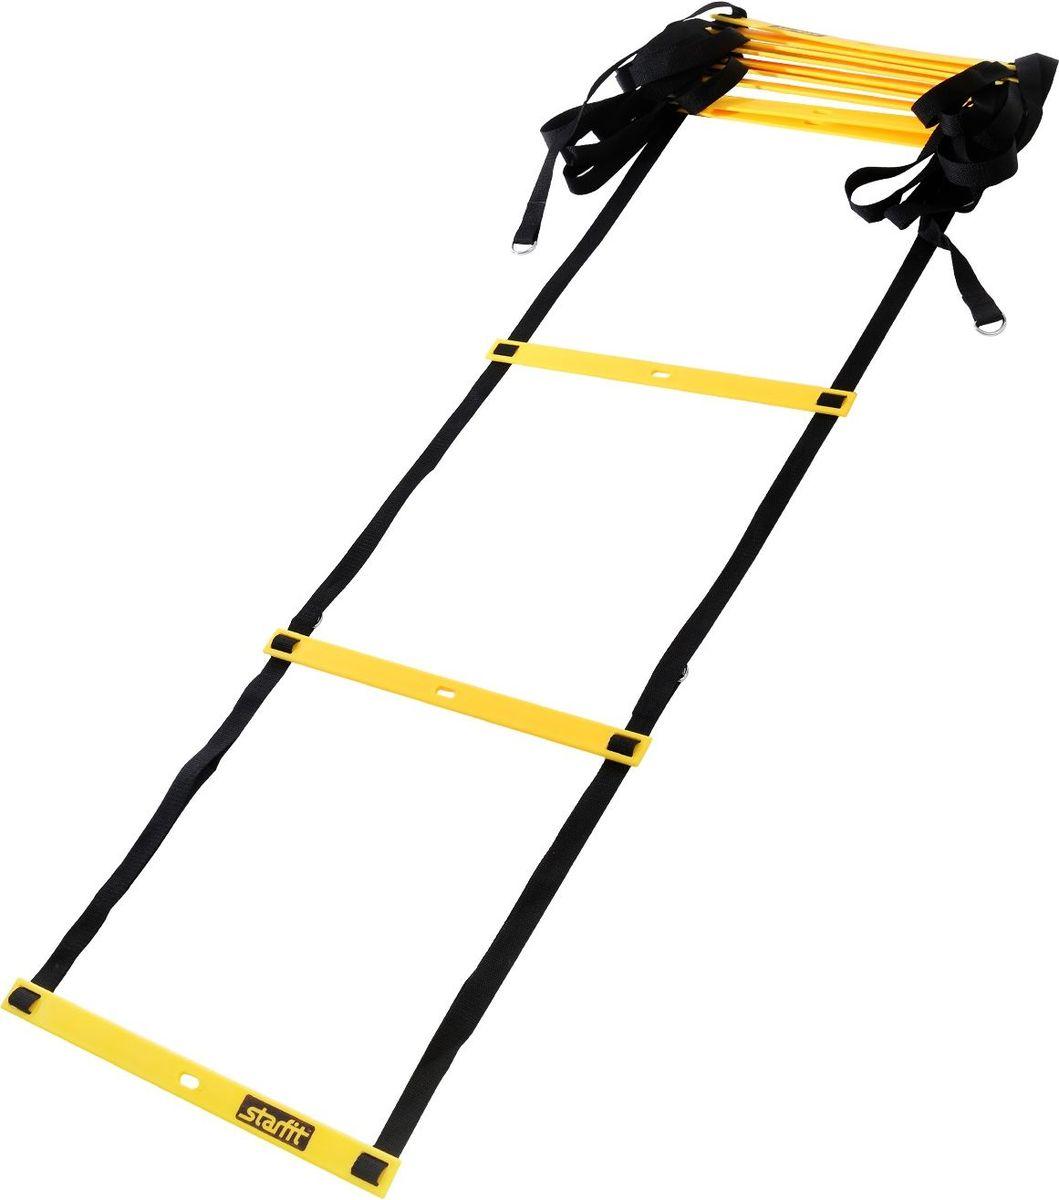 Лестница координационная Starfit  FA-601 , цвет: желтый, черный, 6 м - Аксессуары для командных видов спорта